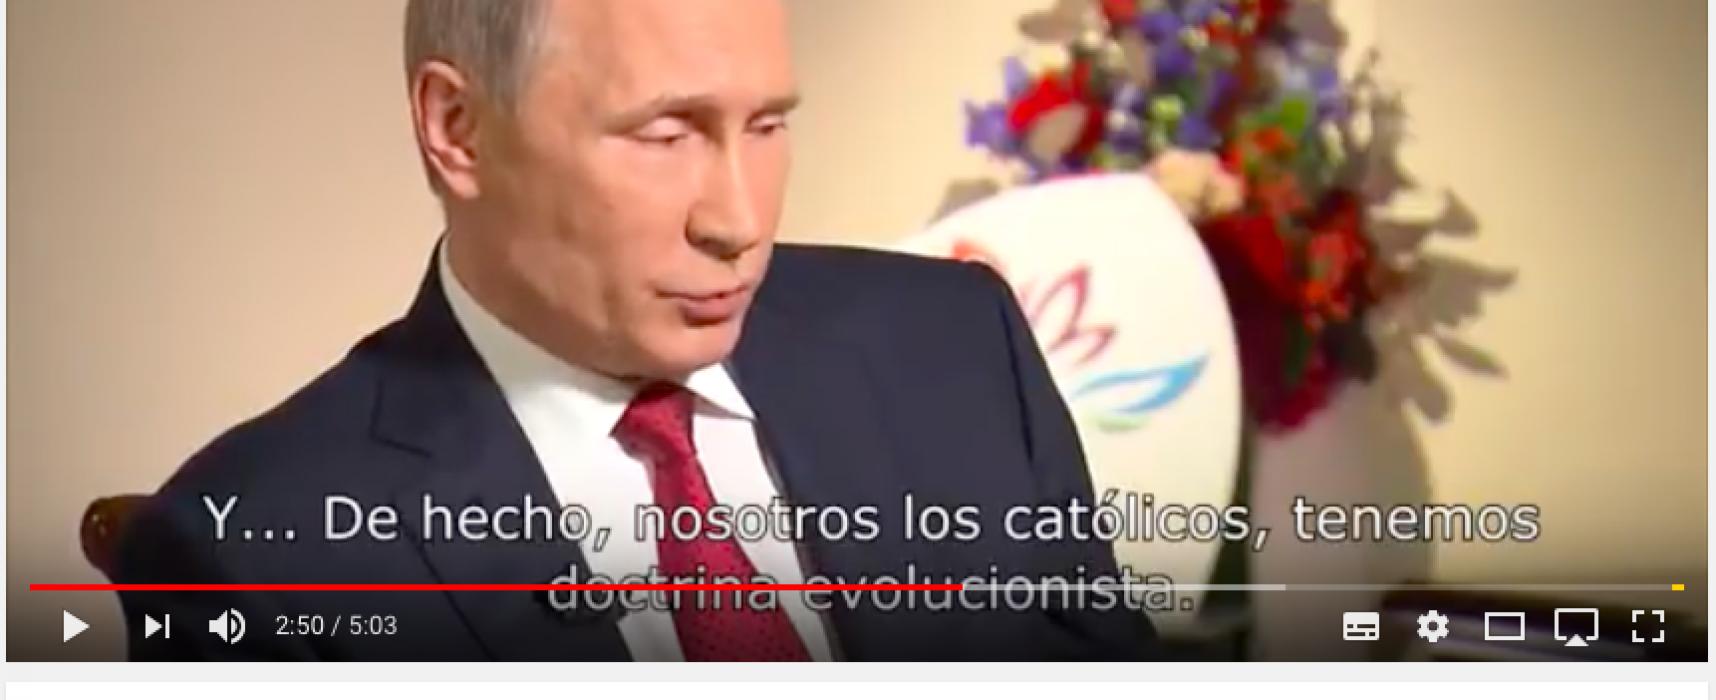 Creándole una imagen de buen cristiano a Putin, utilizando mentiras